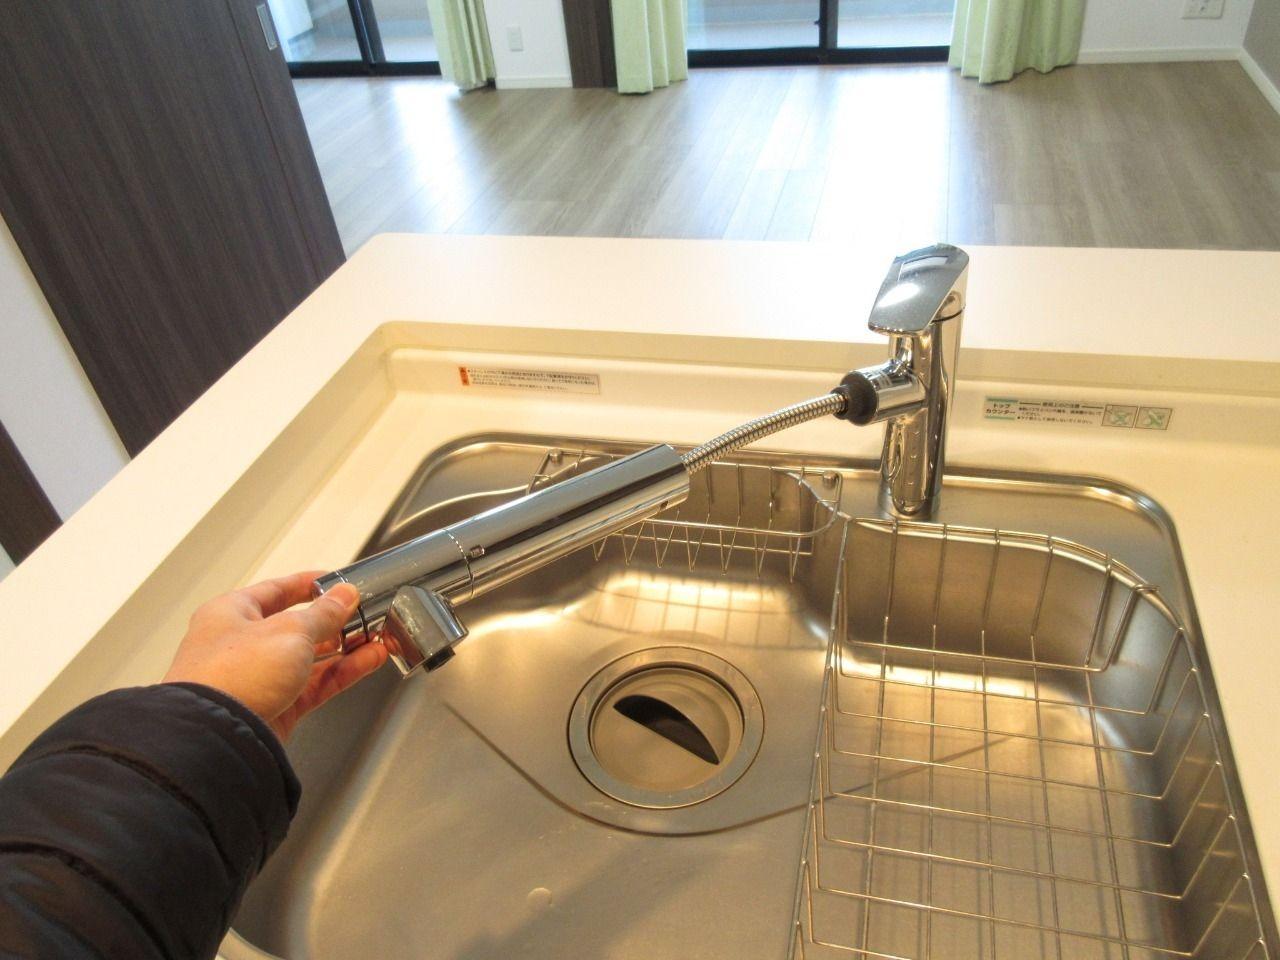 ノズルが伸びるのでシンクの掃除するのが楽々です。さらに浄水機能も付いています。